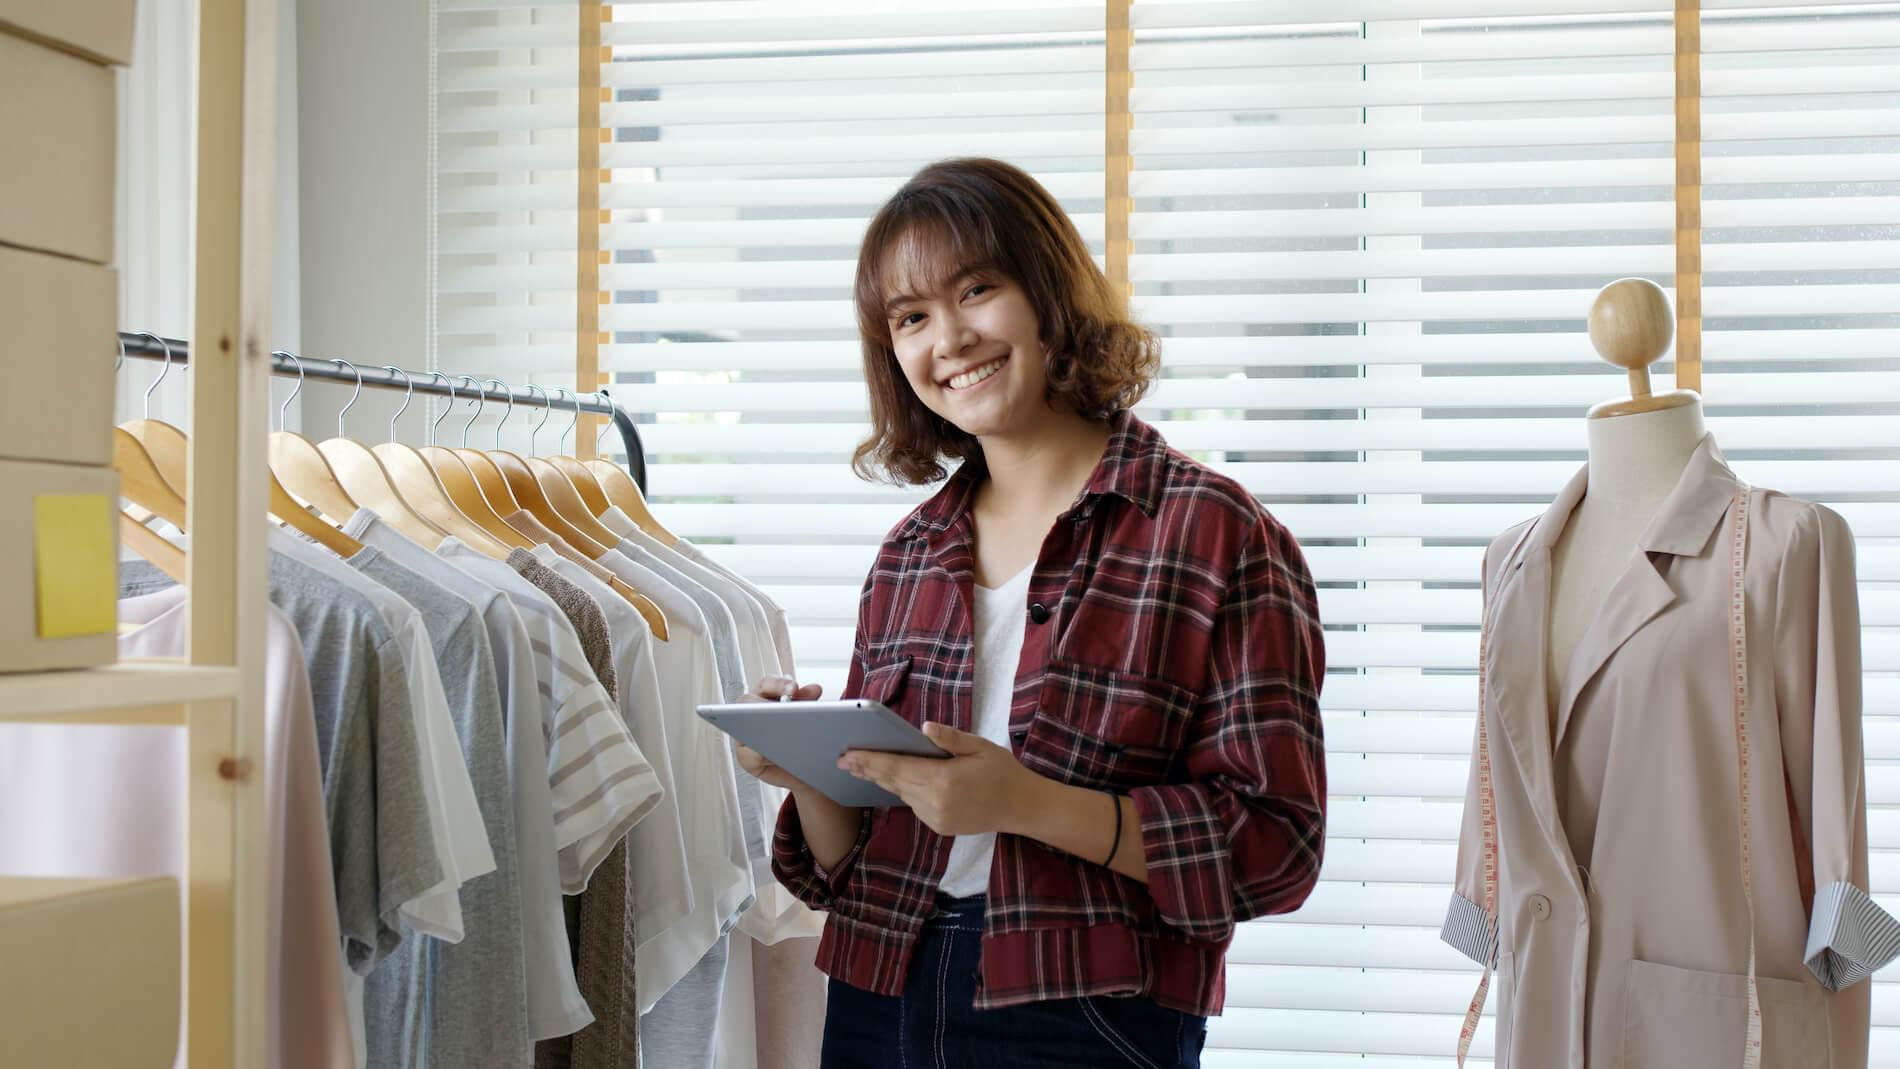 ซื้อบ้านและขอสินเชื่อบ้านสำหรับ กลุ่มผู้ประกอบอาชีพอิสระ